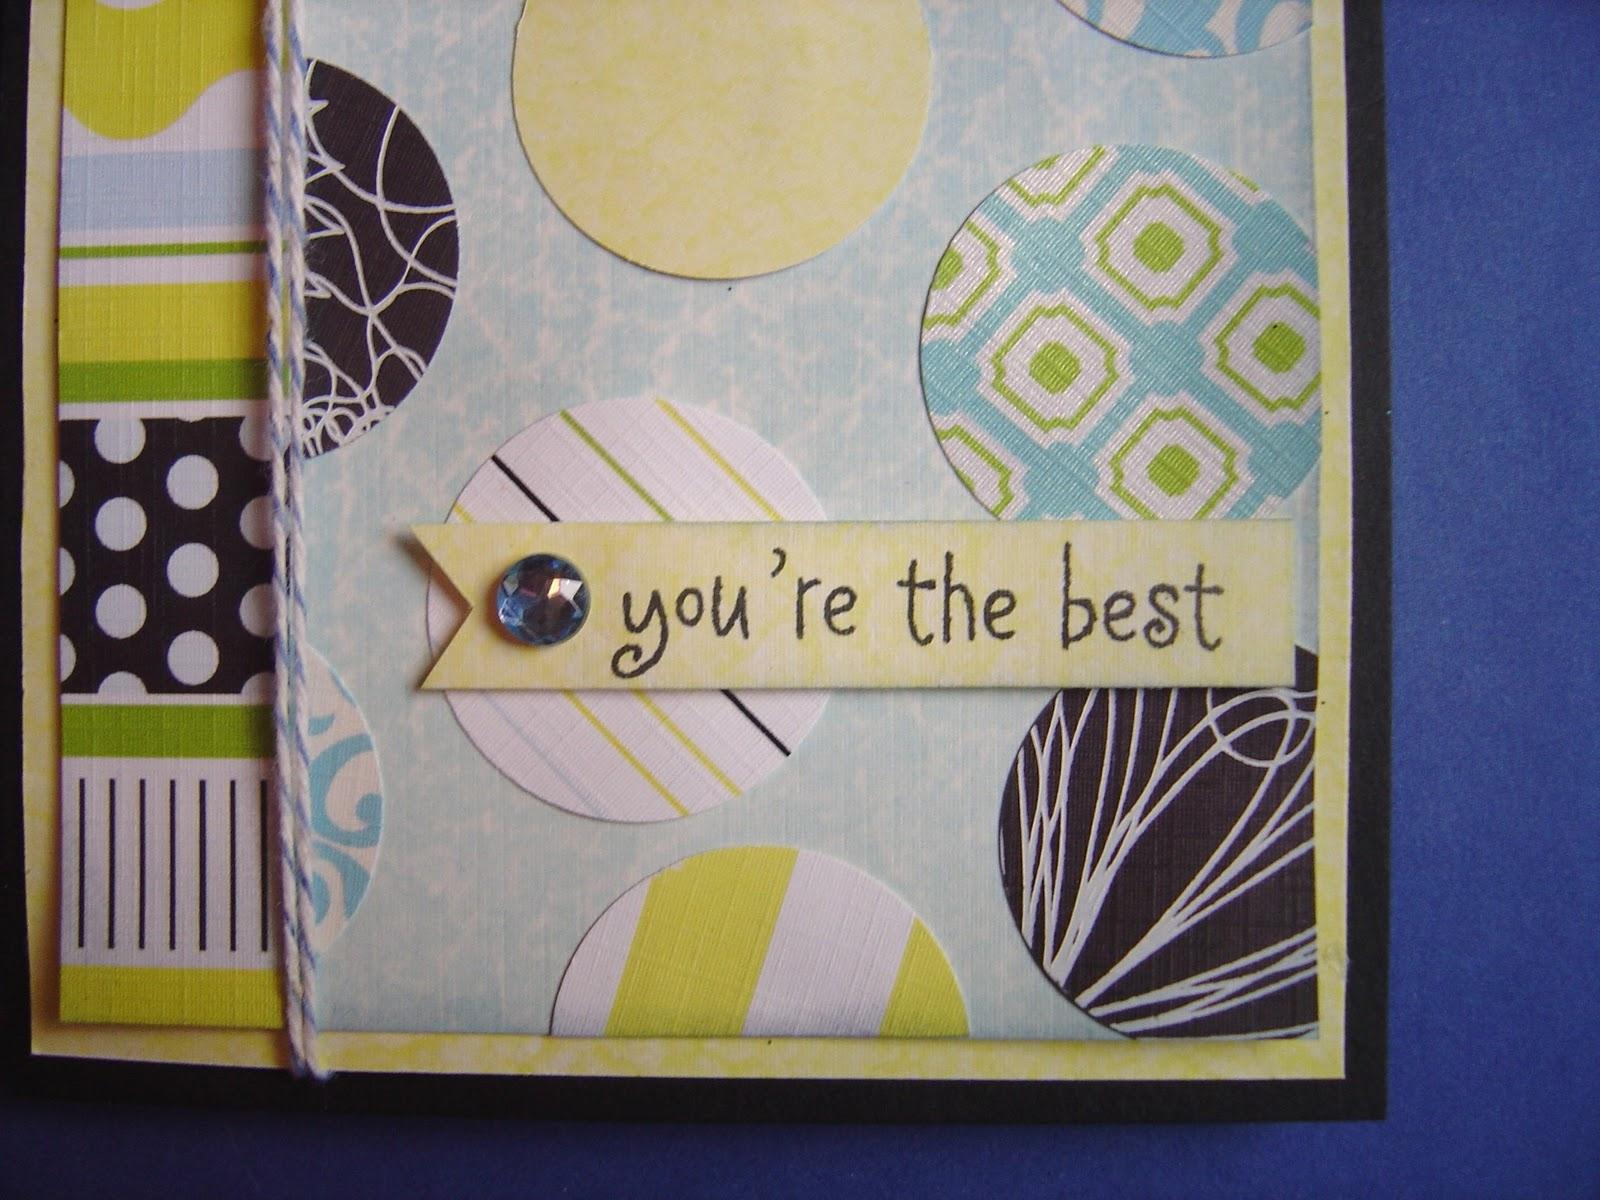 http://3.bp.blogspot.com/_ew-WC6hswdw/TVKvF7fSx7I/AAAAAAAAAeU/XCpULS79kps/s1600/more+circle+card+004.JPG